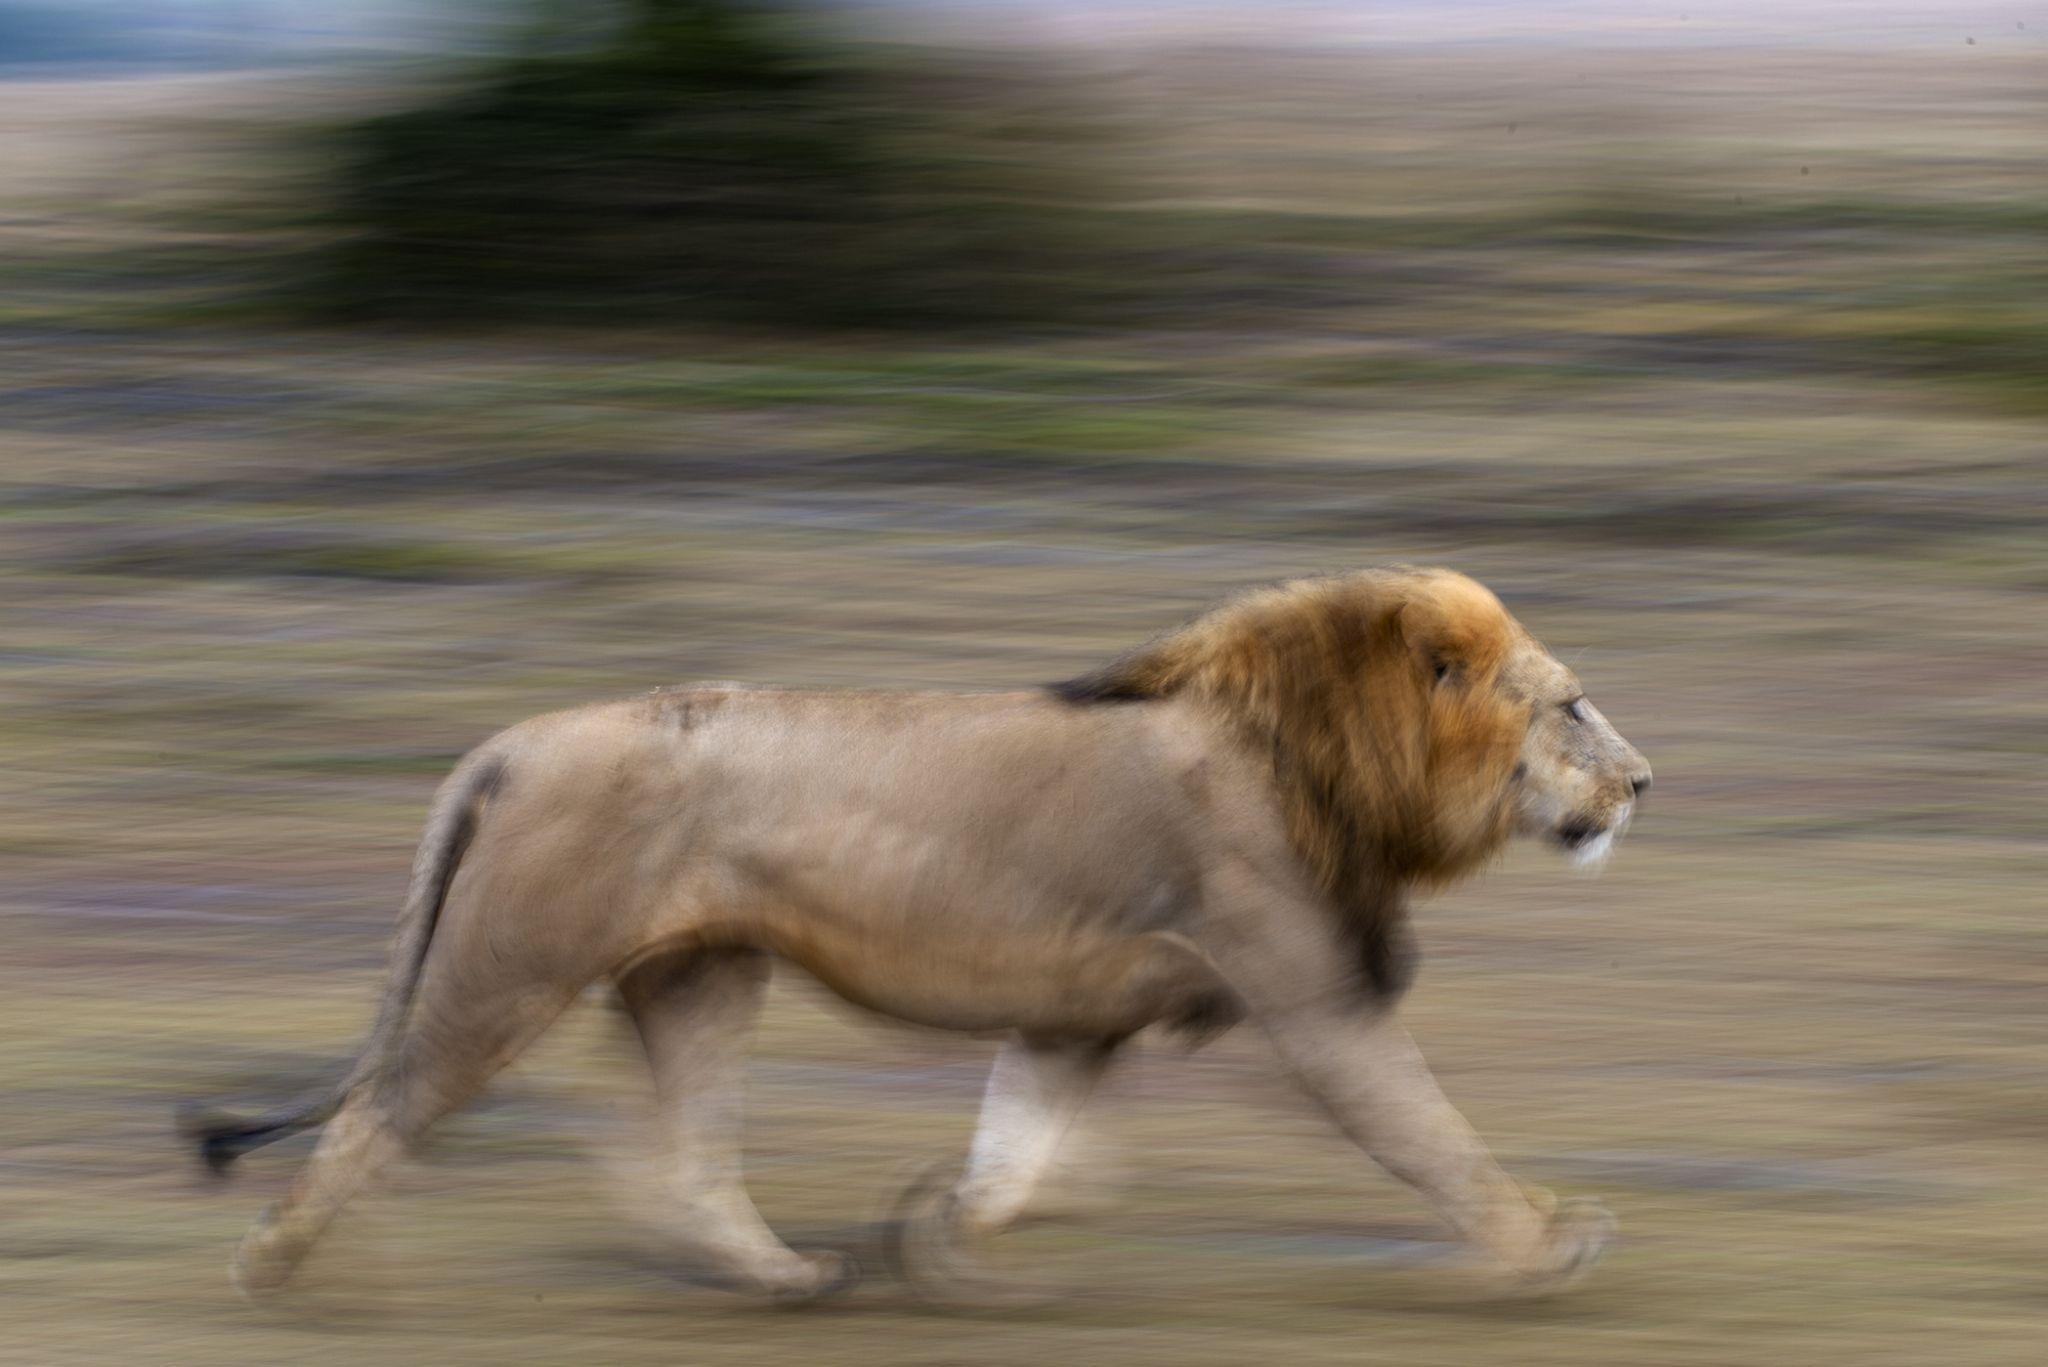 La corsa del leone by annamariapasini